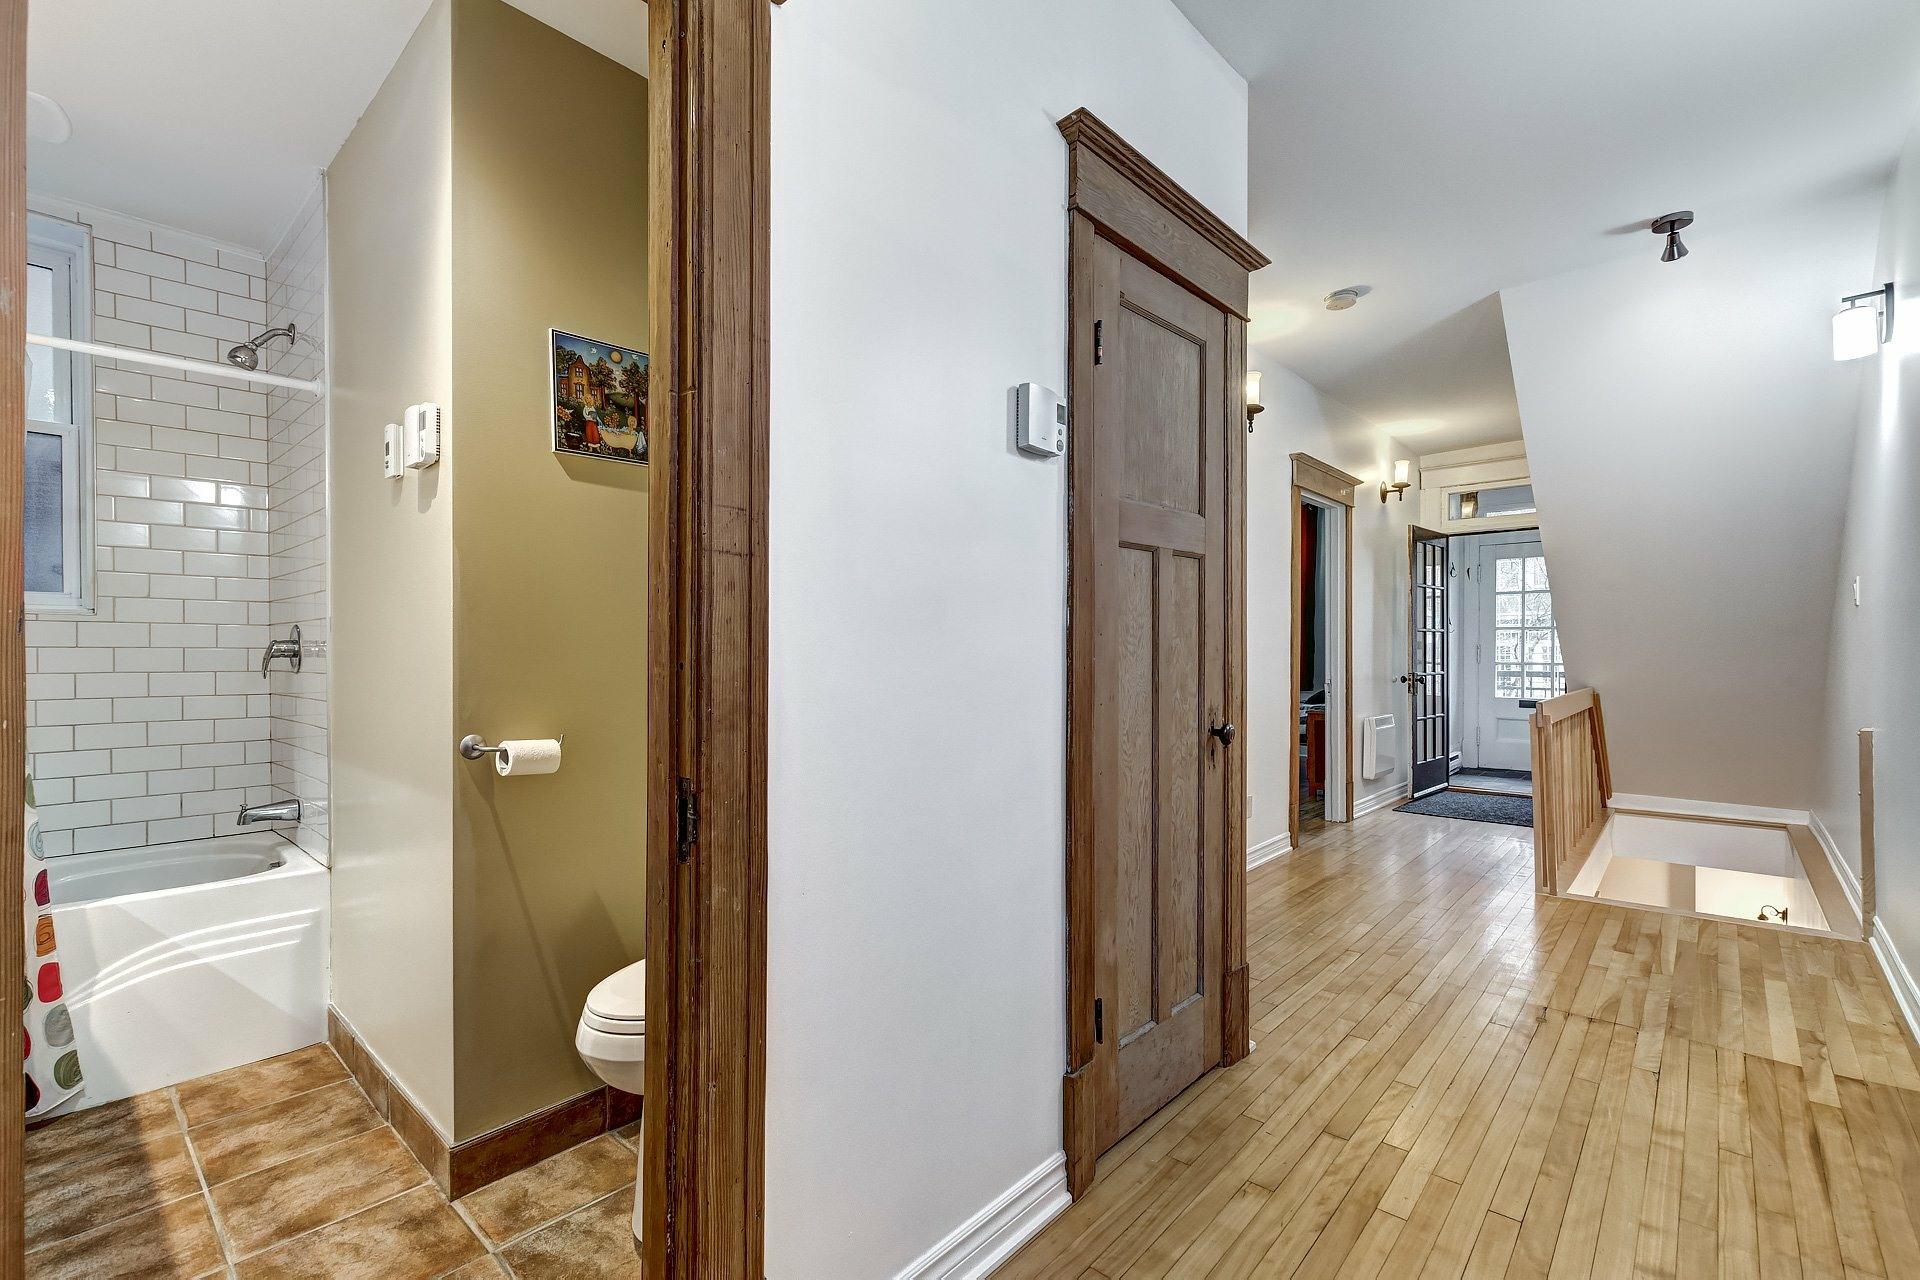 image 5 - Appartement À vendre Outremont Montréal  - 7 pièces